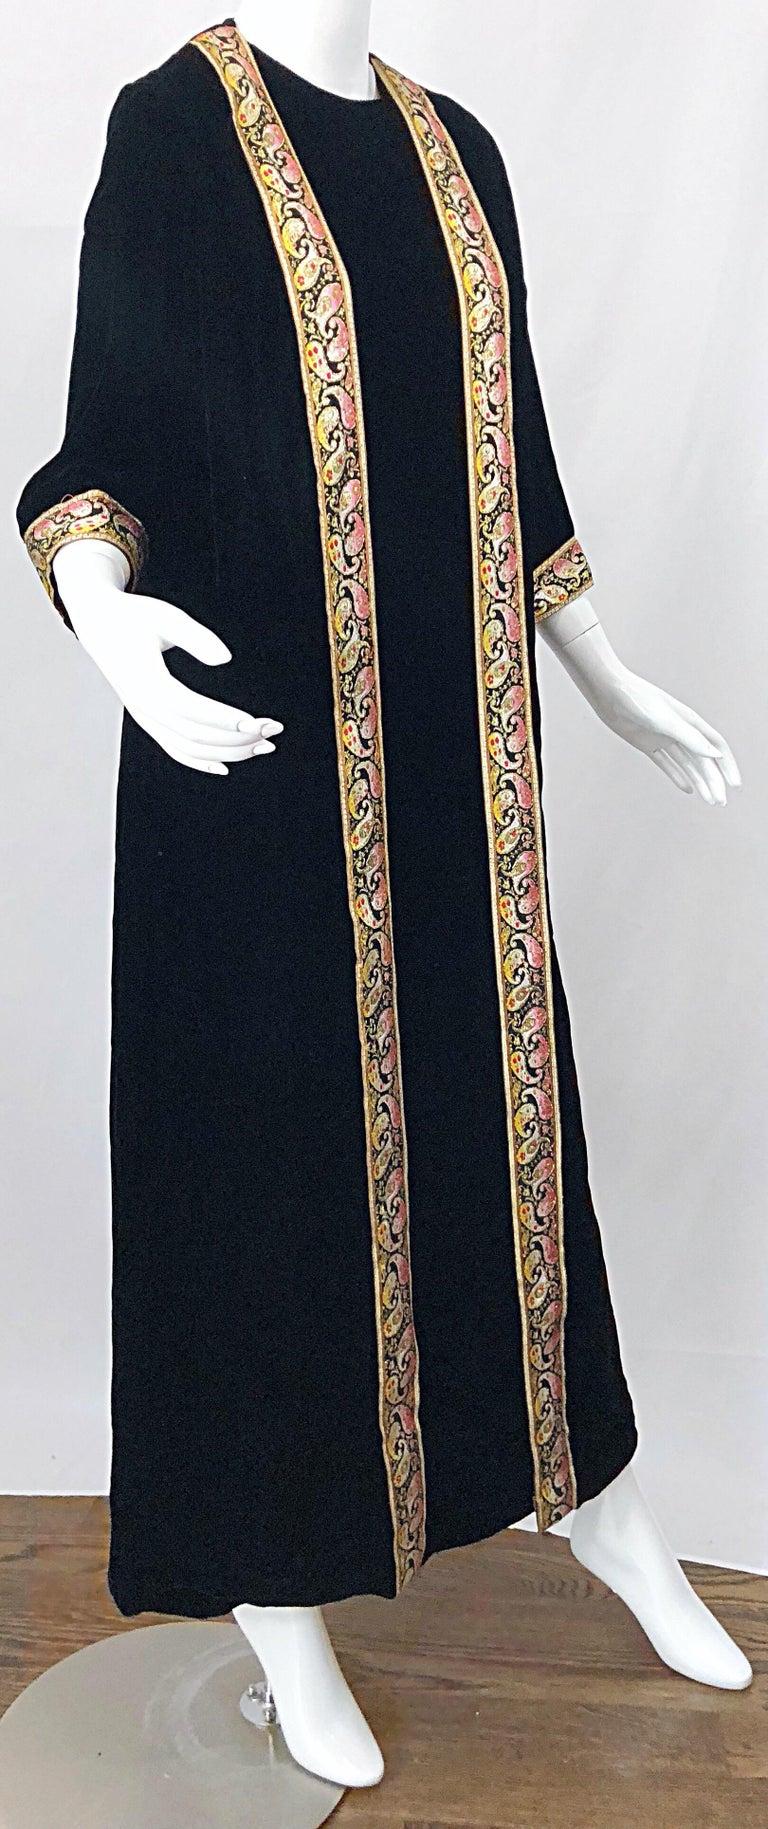 1960s Bonwit Teller Black Velvet Paisley Vintage 60s Moroccan Caftan Maxi Dress For Sale 10